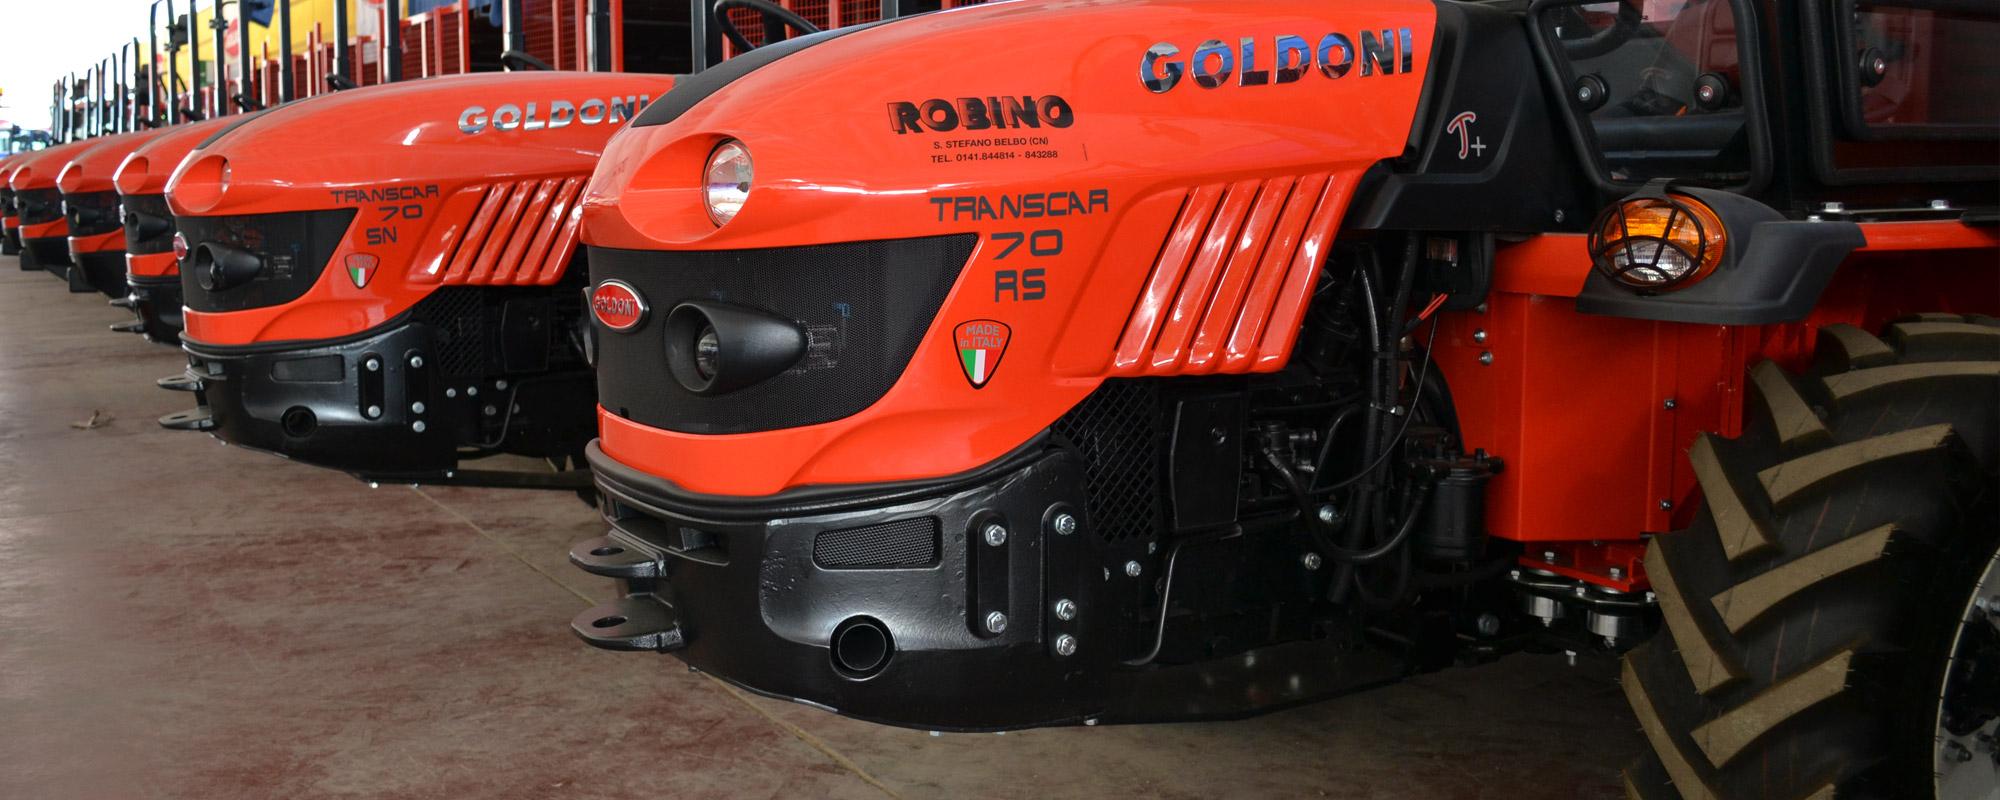 I nostri servizi robino macchine per l 39 agricoltura for Robino macchine agricole